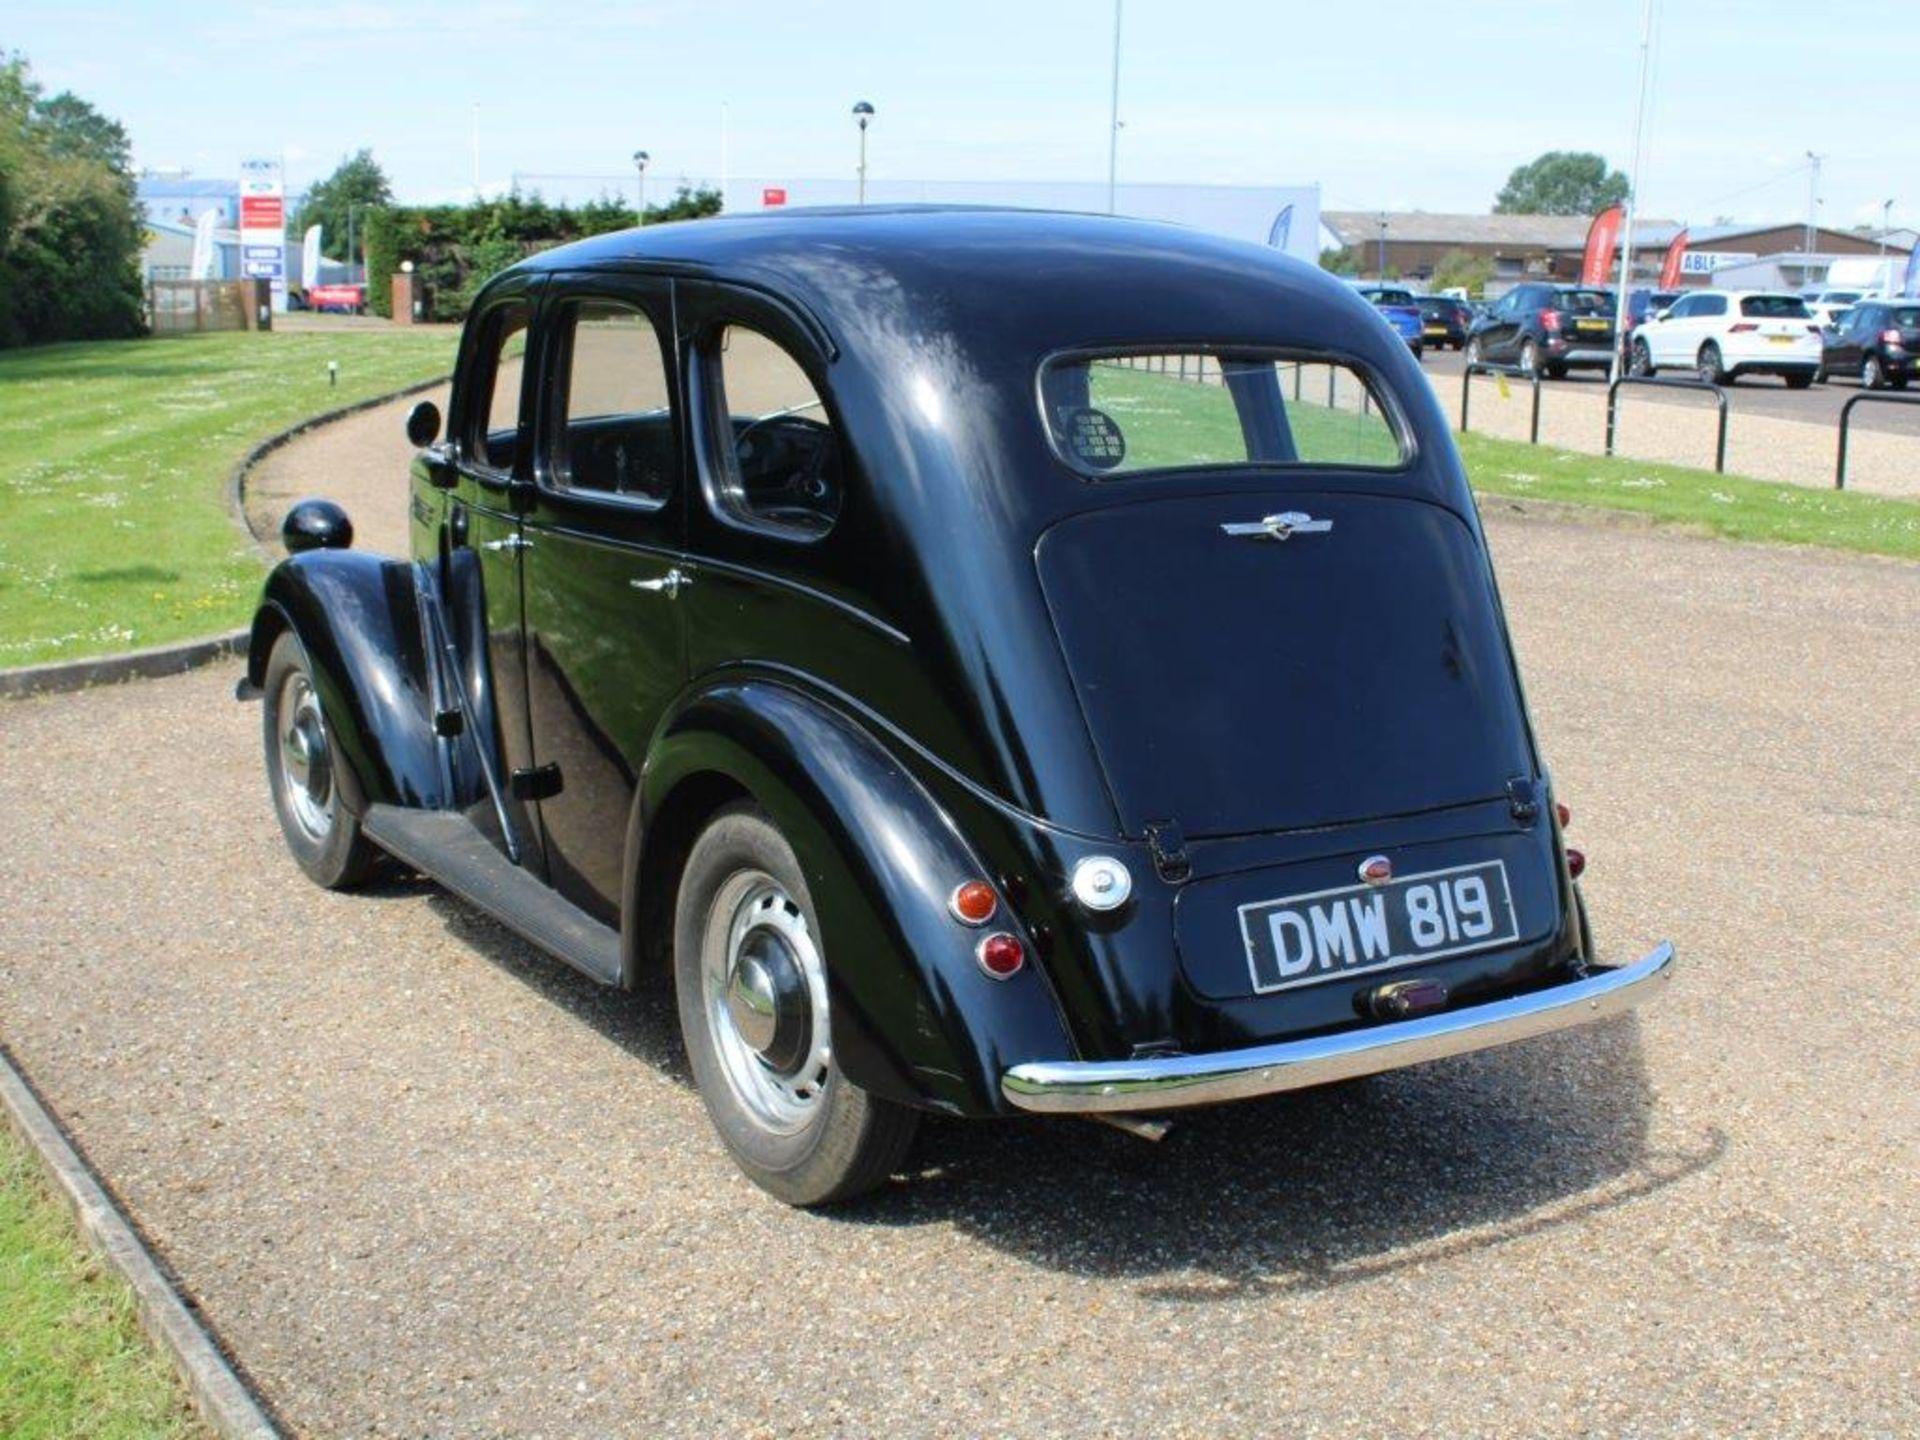 1946 Ford Prefect E93A - Image 8 of 30